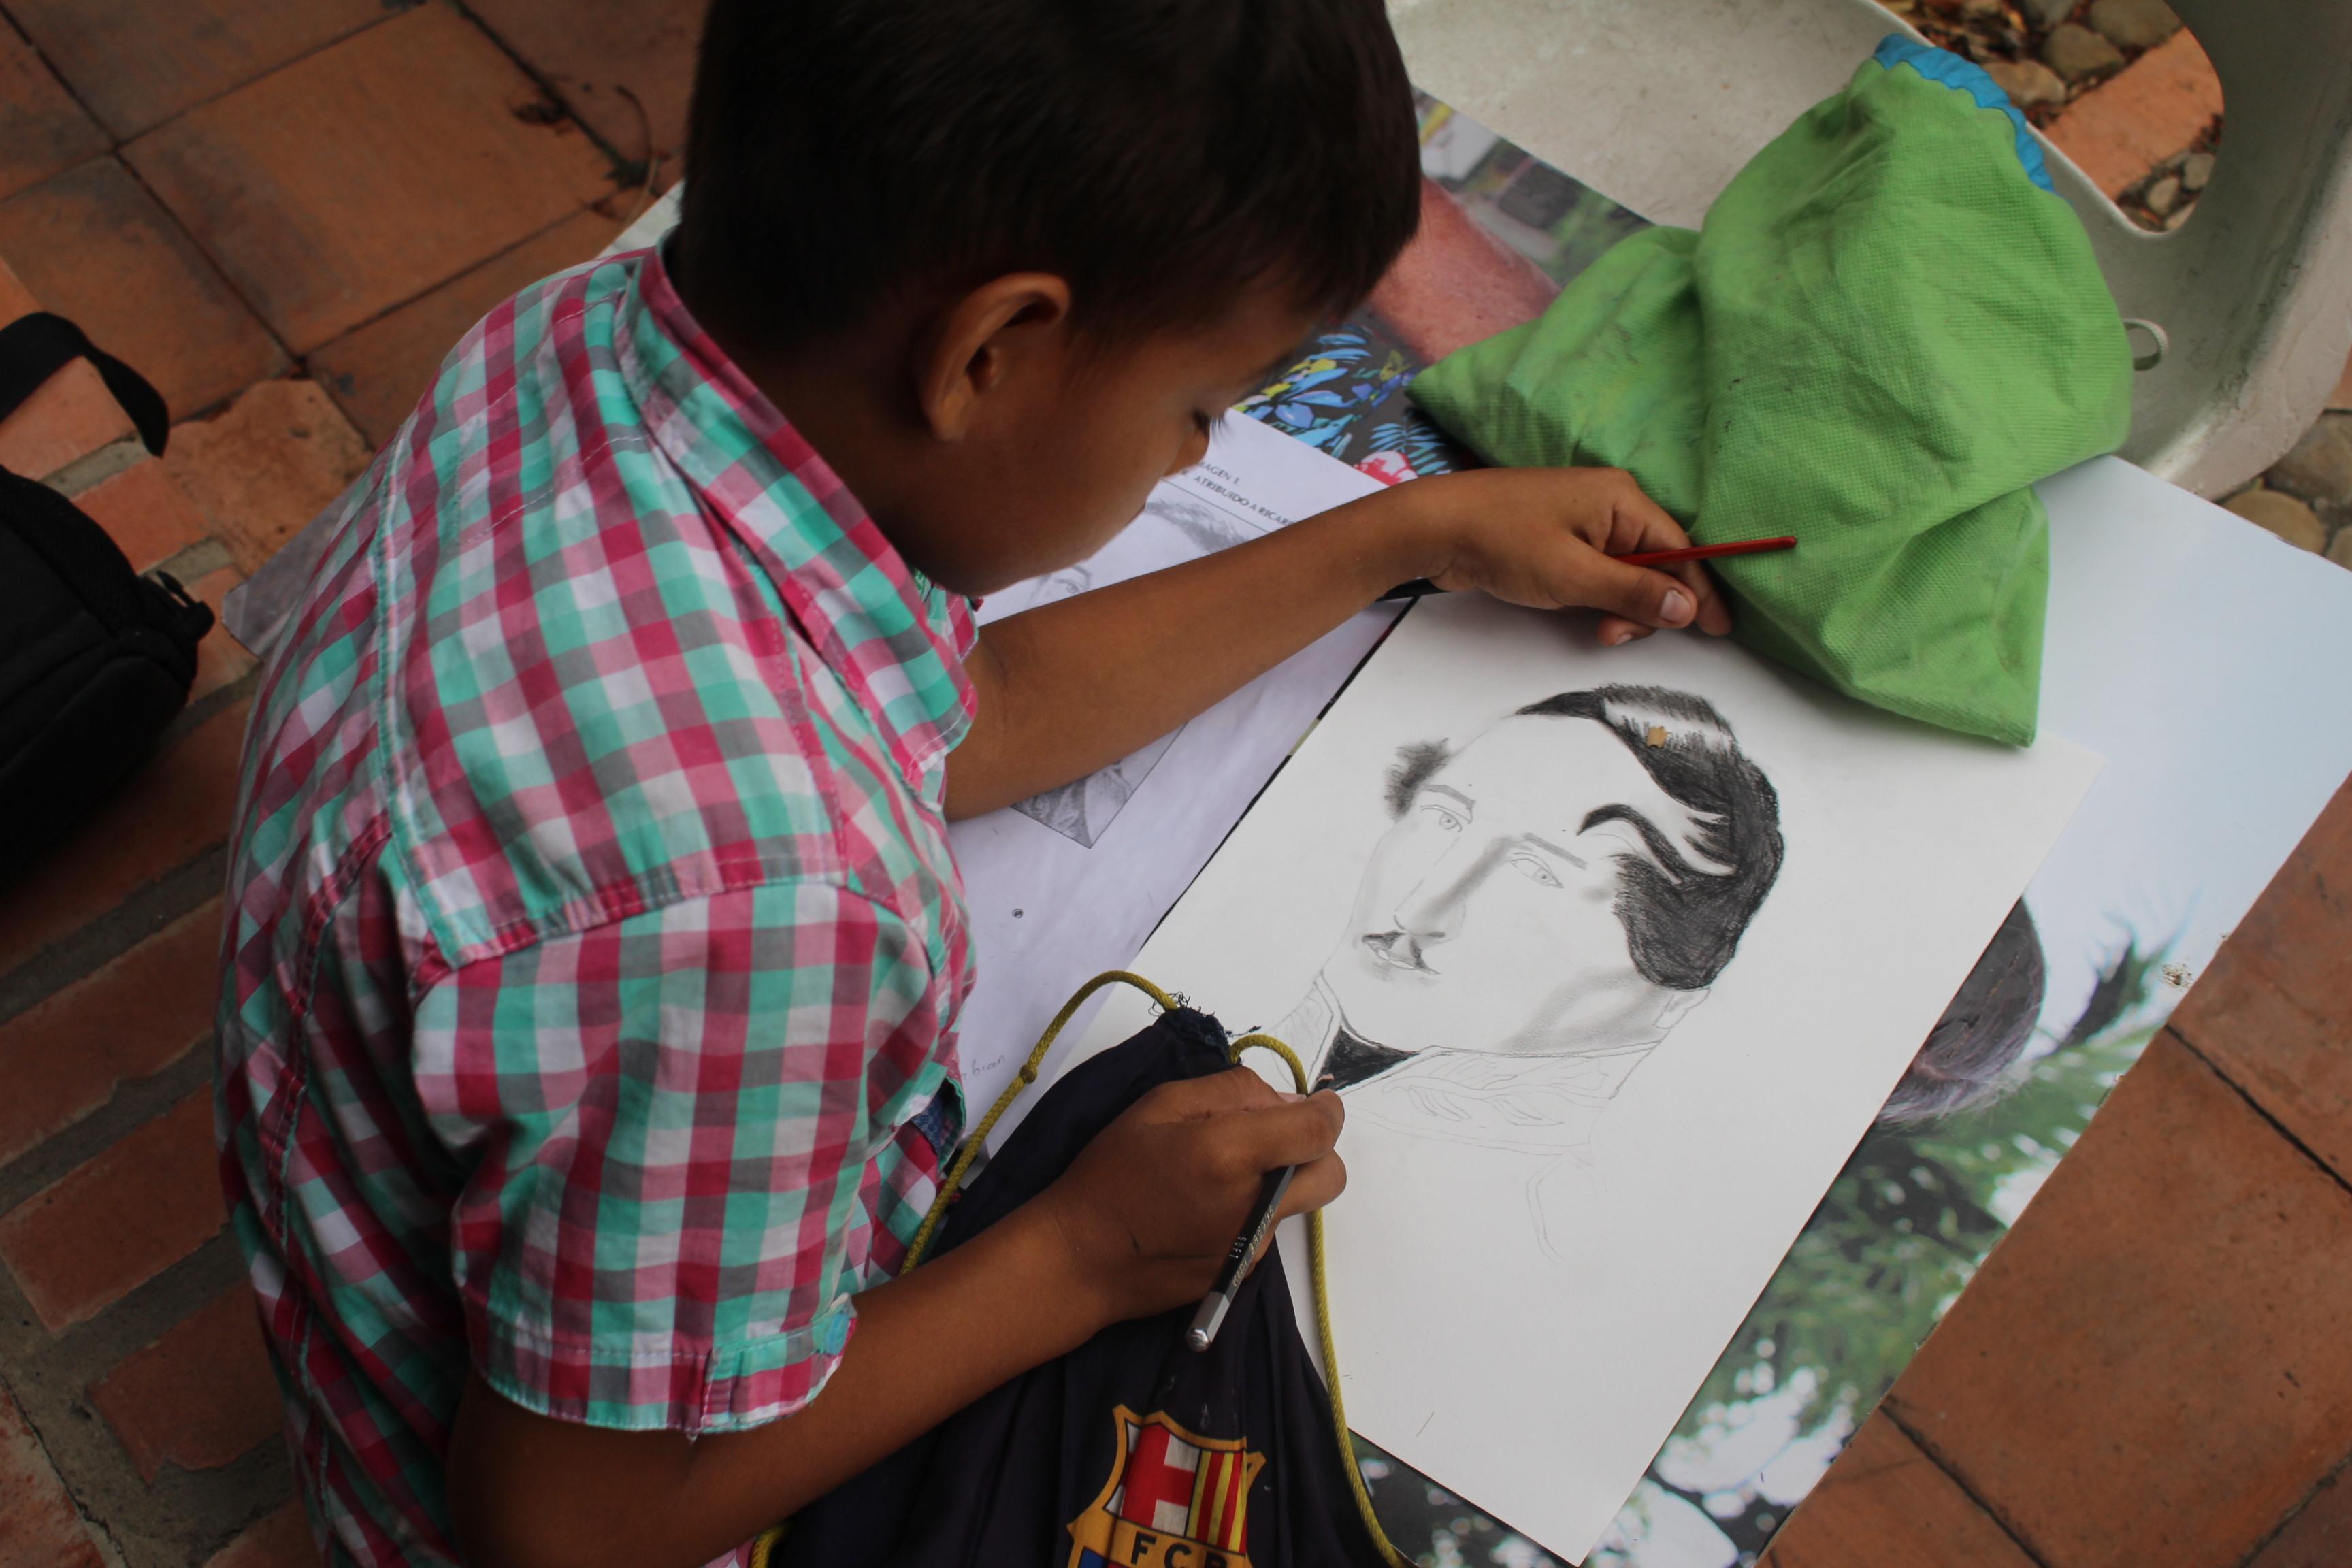 Concurso artístico en homenaje al general Santander